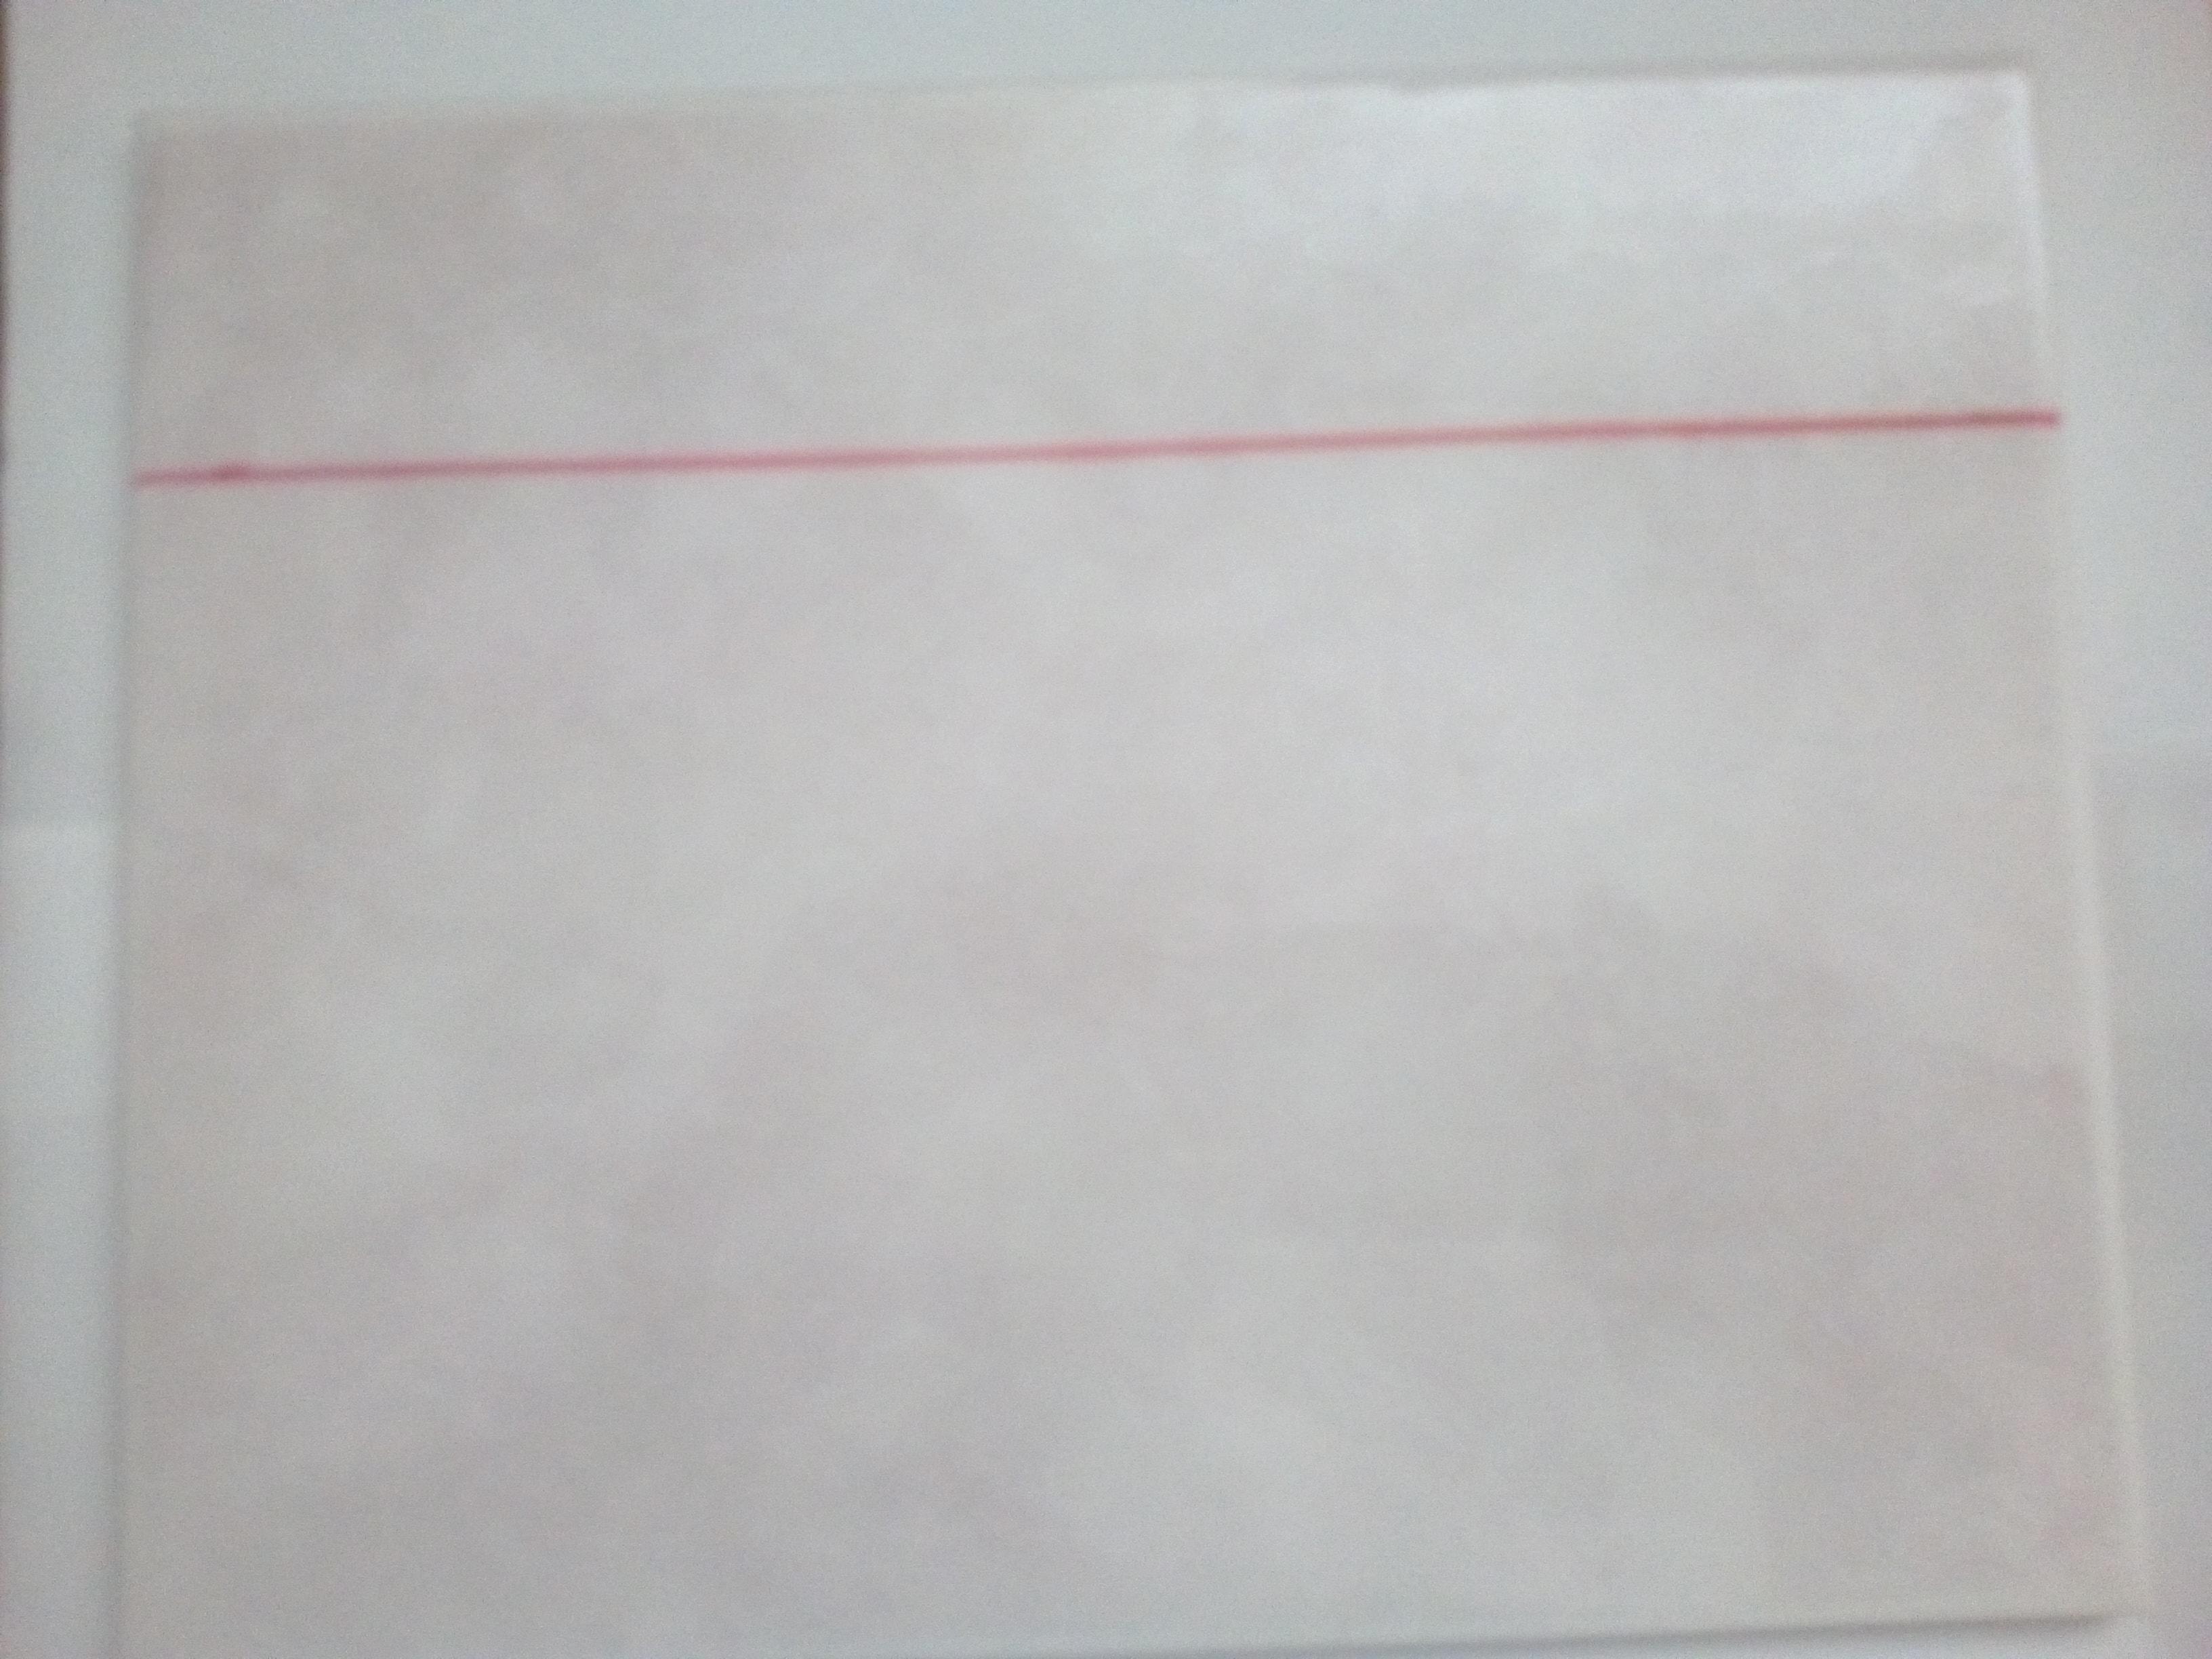 разметка керамической плитки